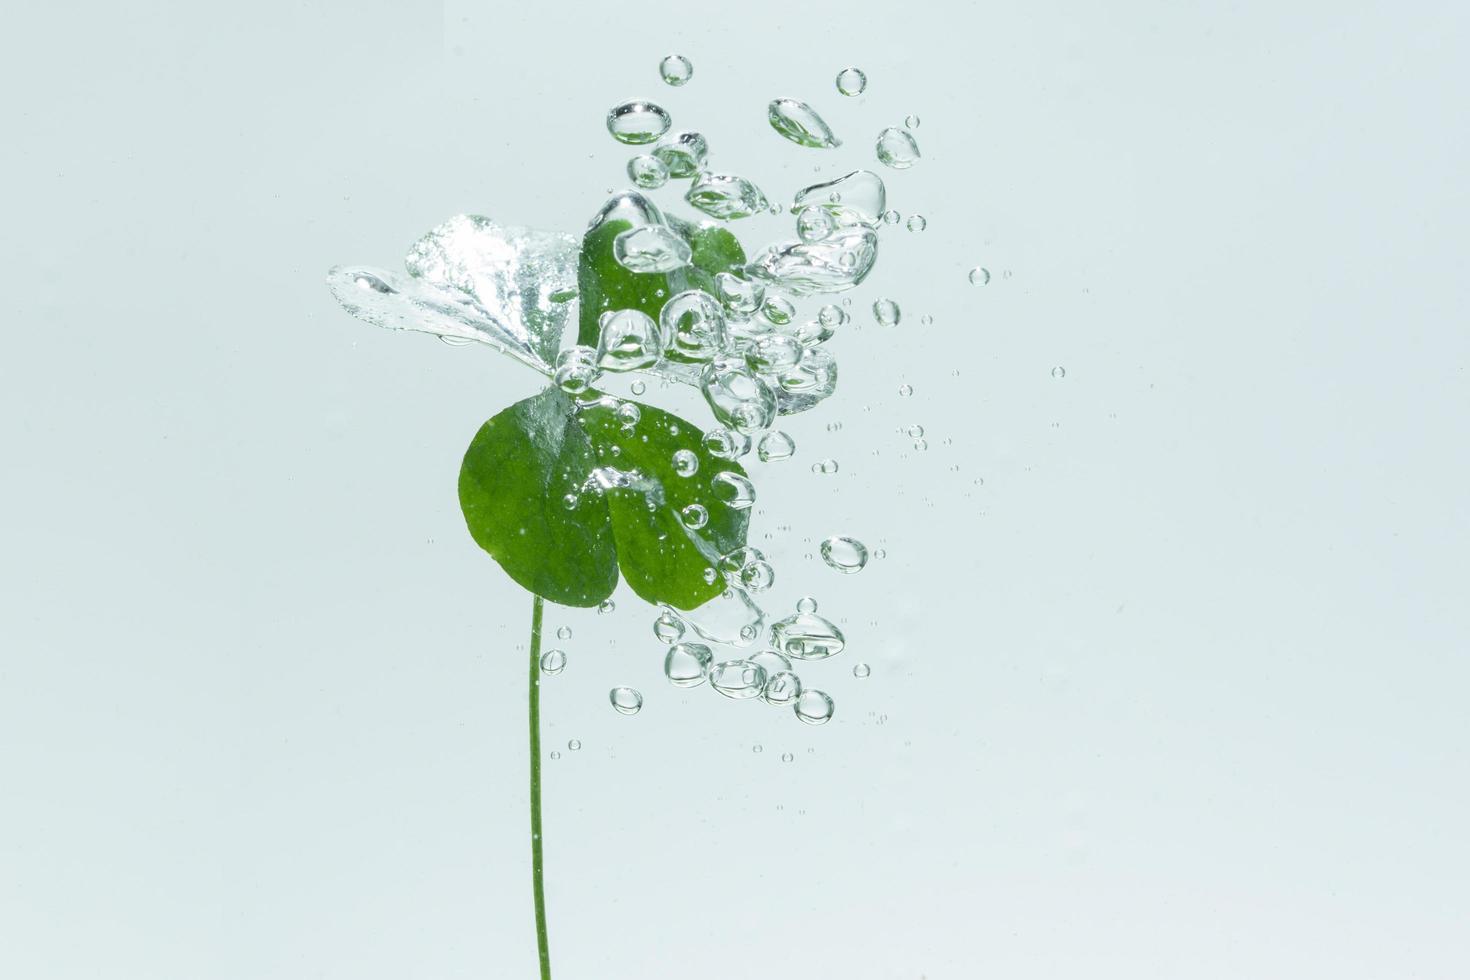 grüne Pflanze und Blasen im Wasser foto